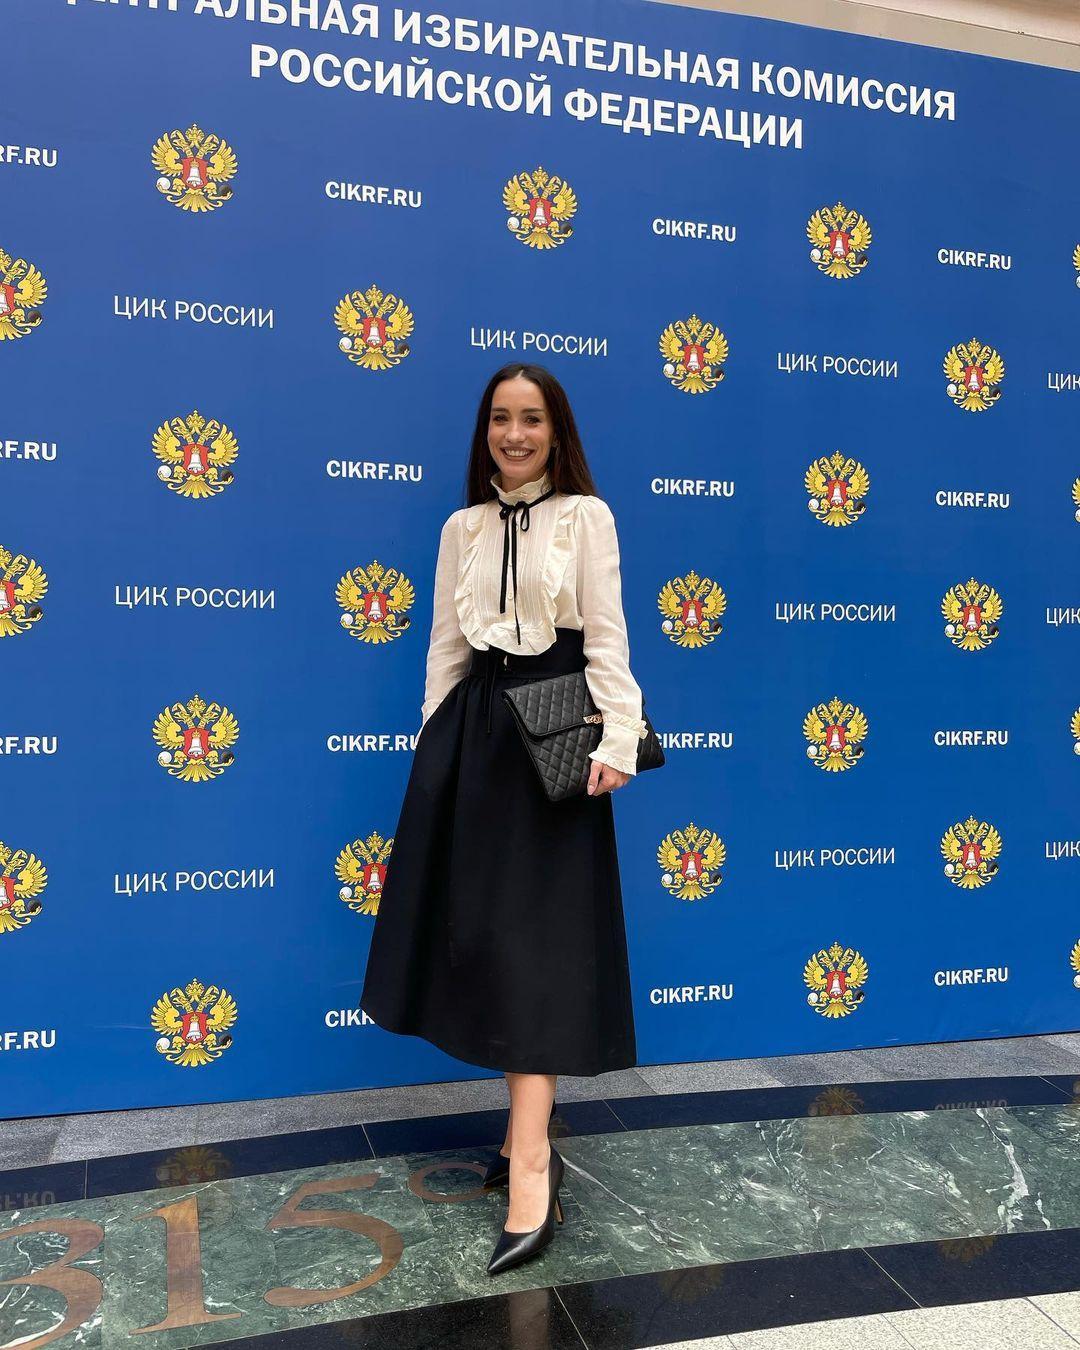 Виктория Дайнеко зарегистрировалась кандидатом в депутаты Госдумы